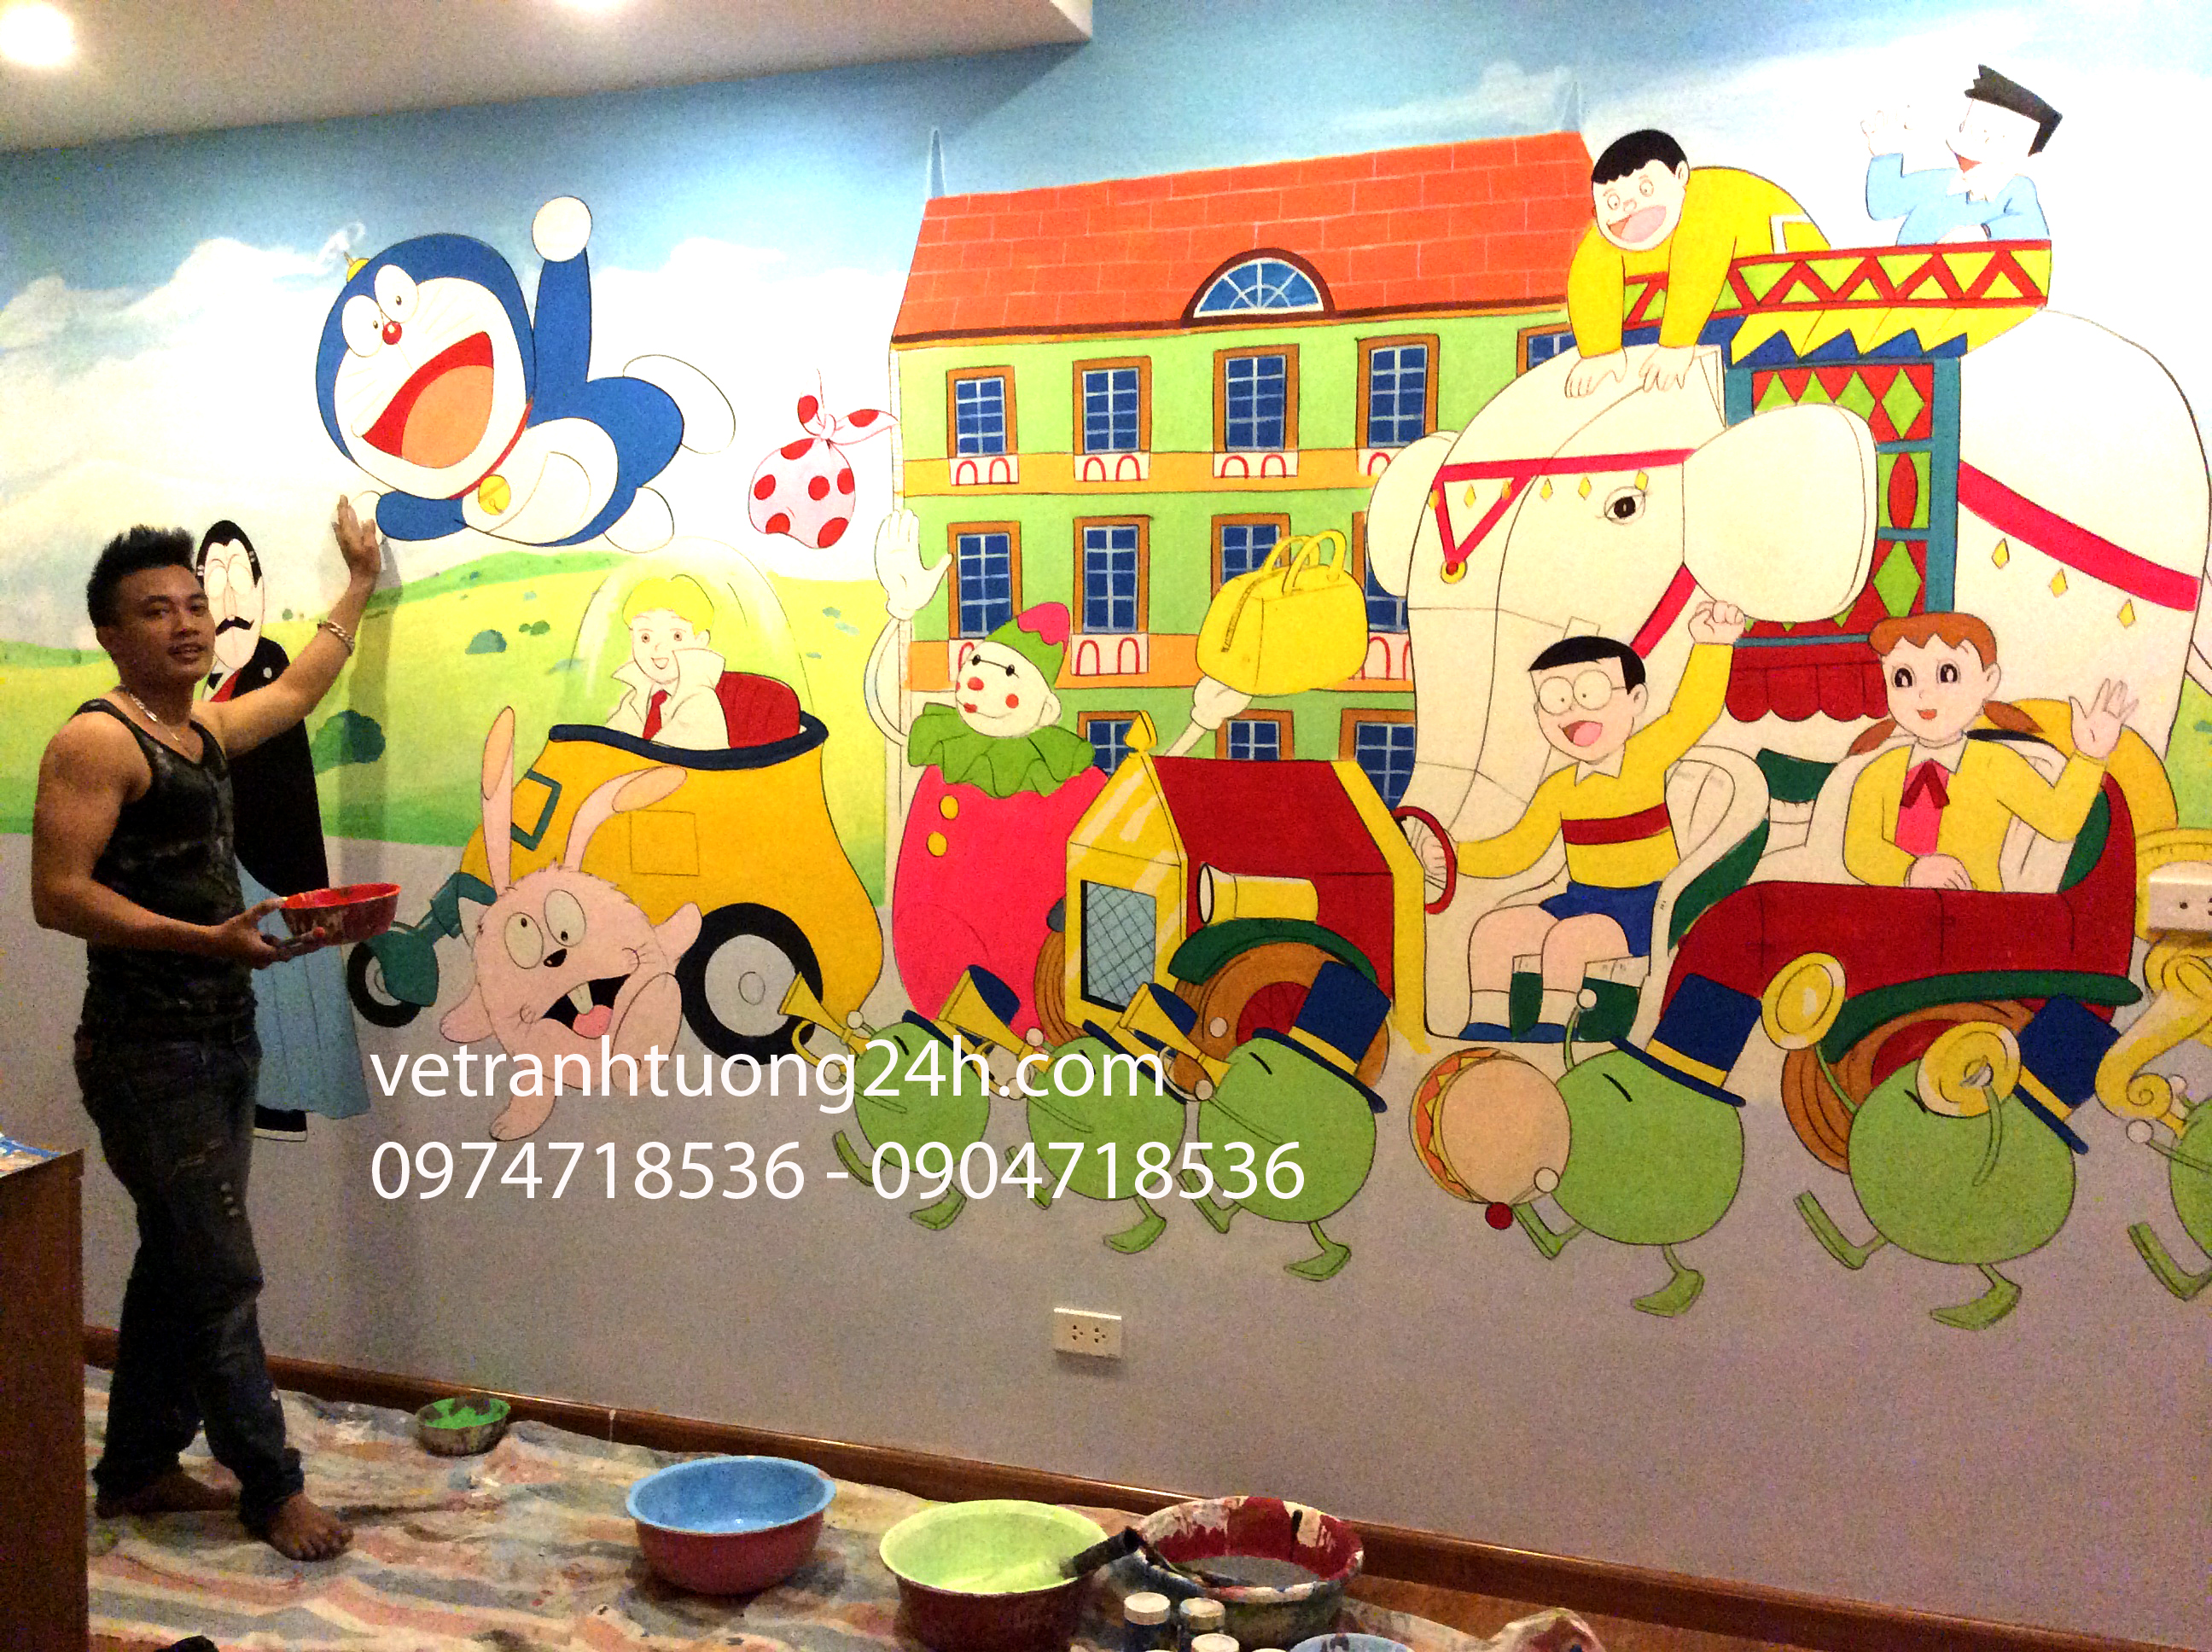 tranh-tuong-phong-be-ct2-lang-viet-kieu-chau-au-ha-dong-2